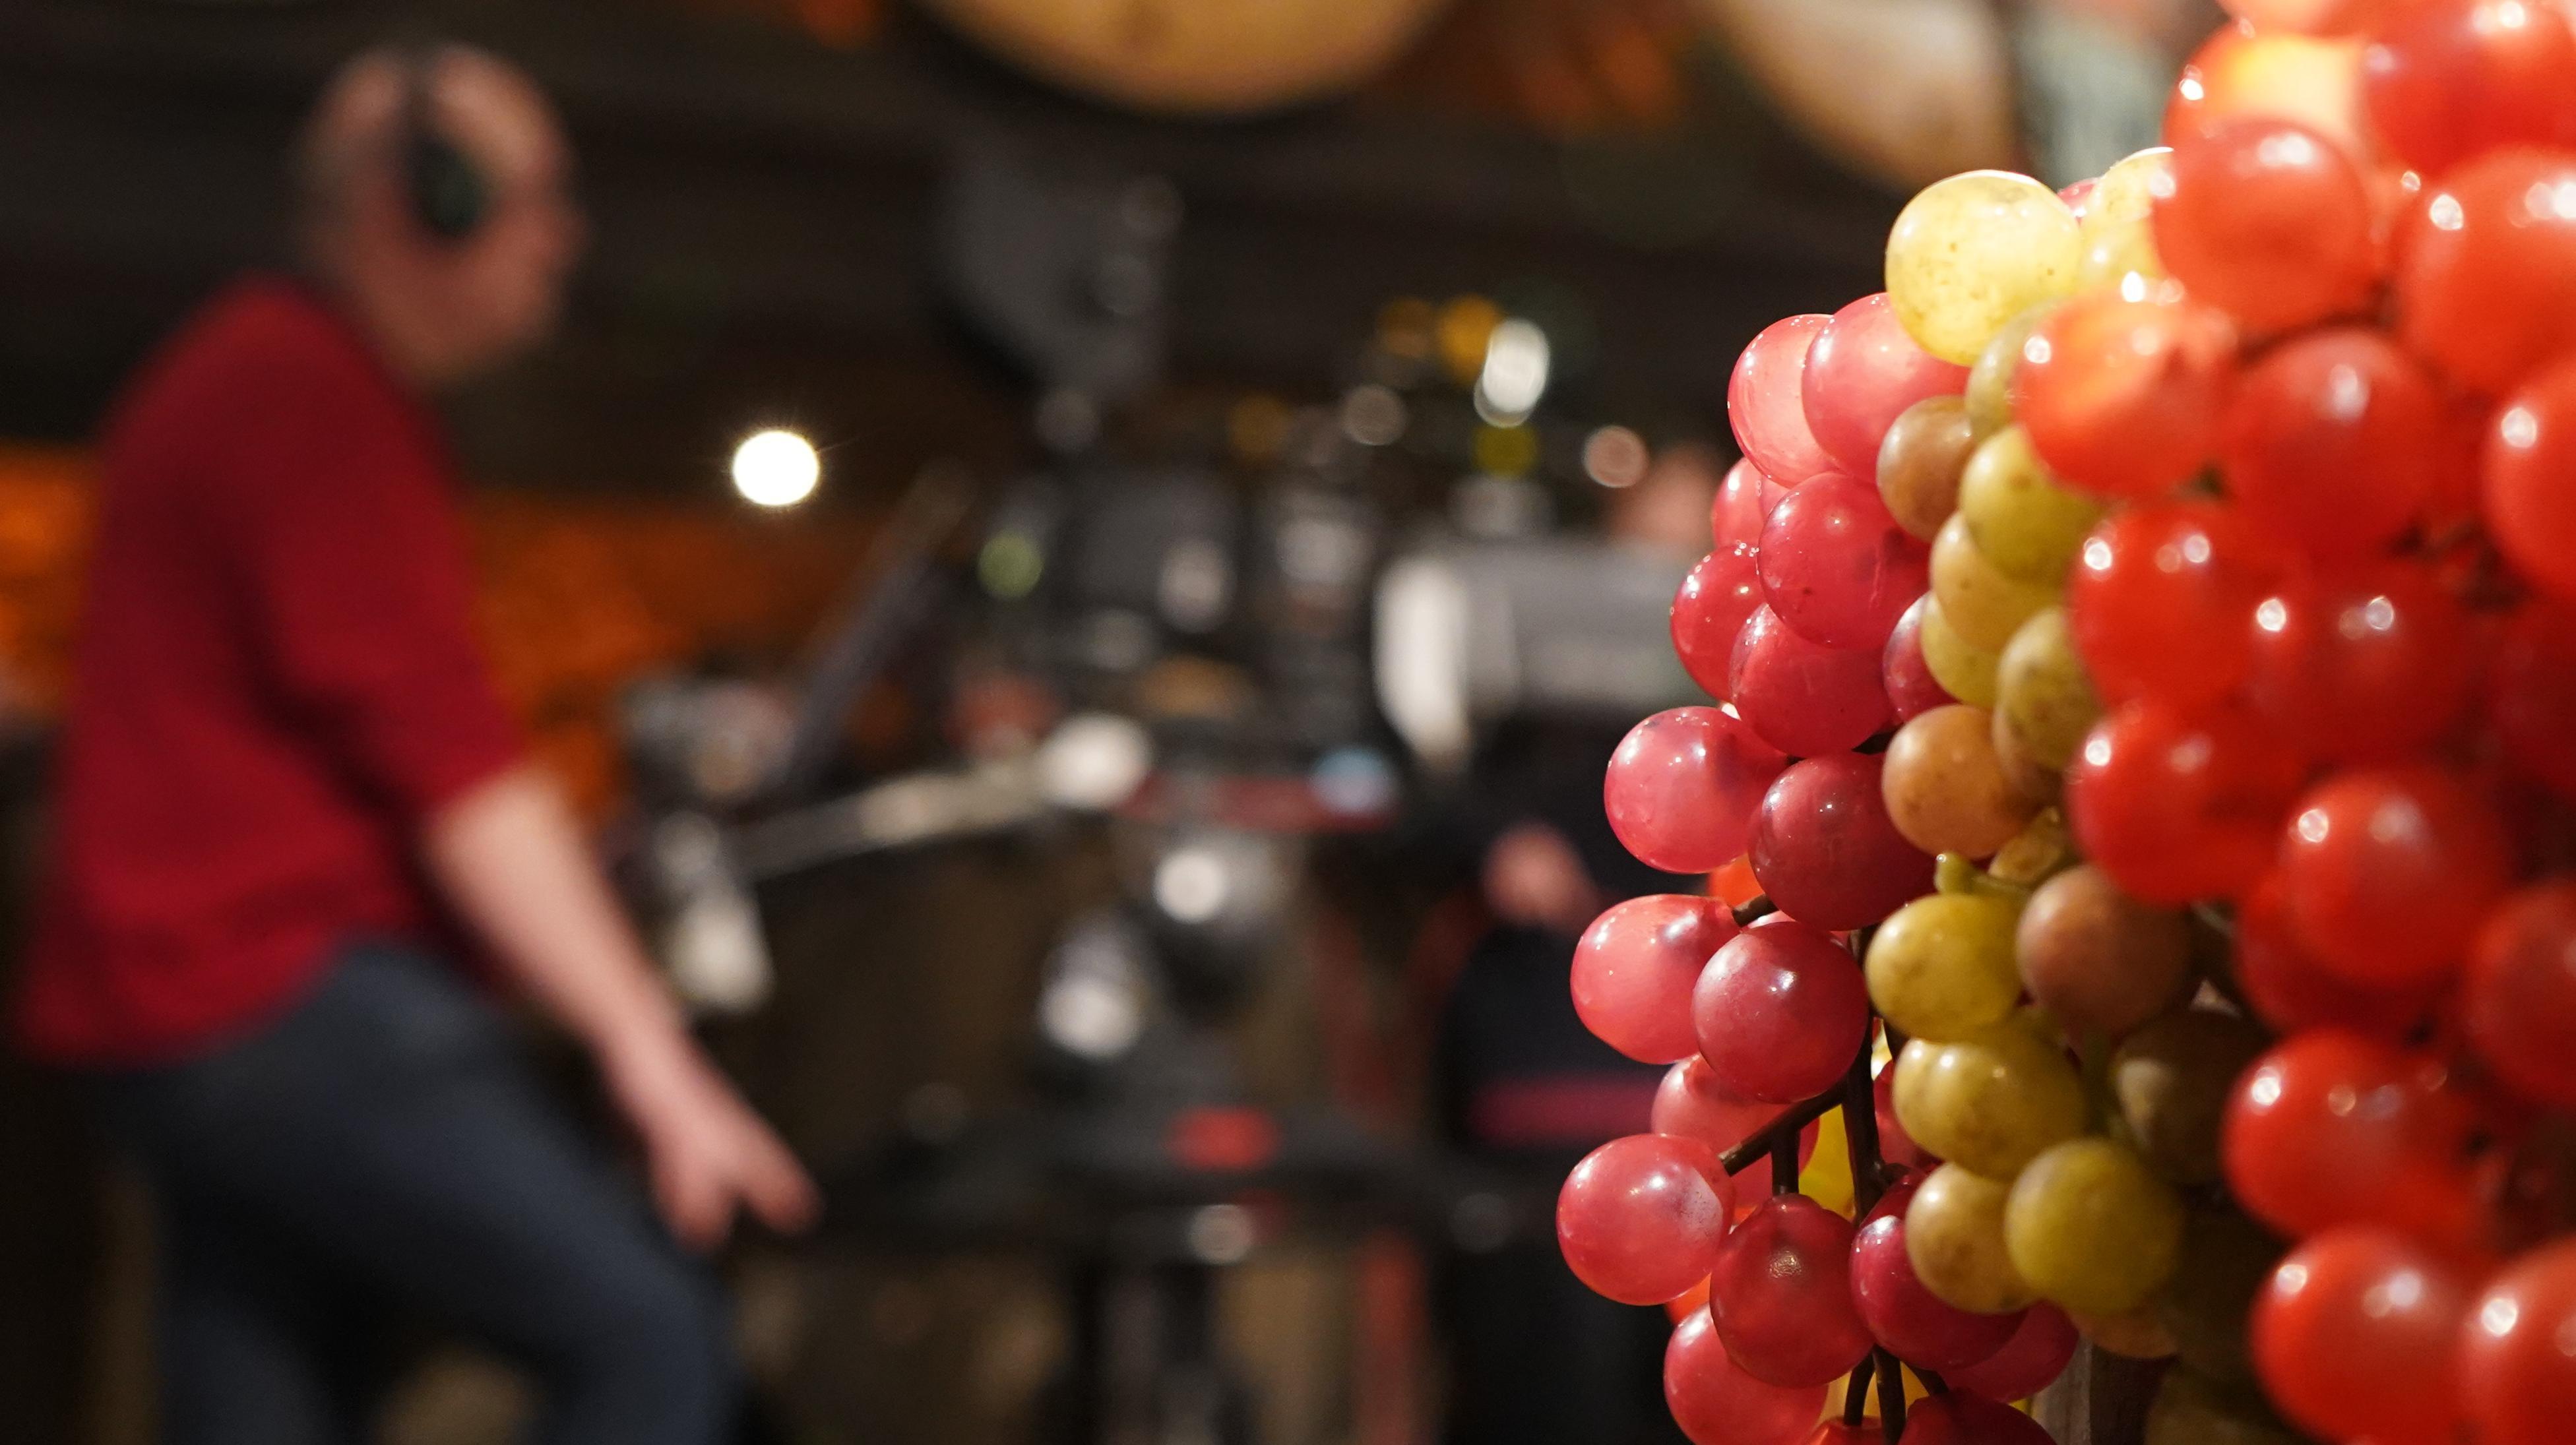 Künstliche Weintrauben - im Hintergrund ein Kameramann